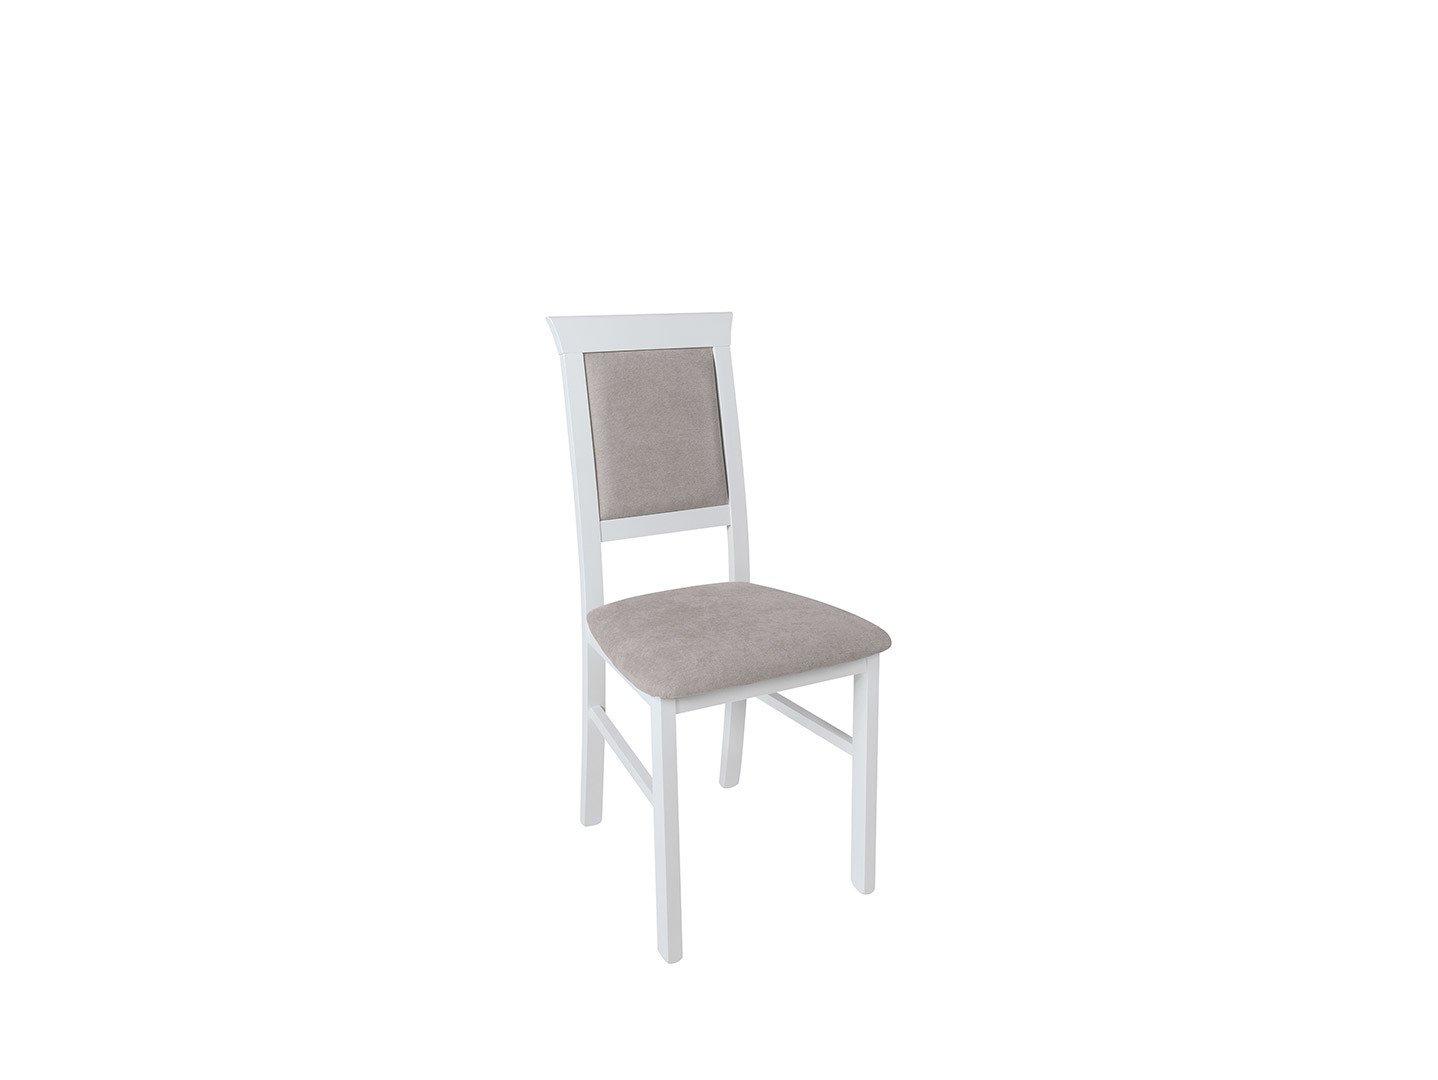 krzesło Allanis 2